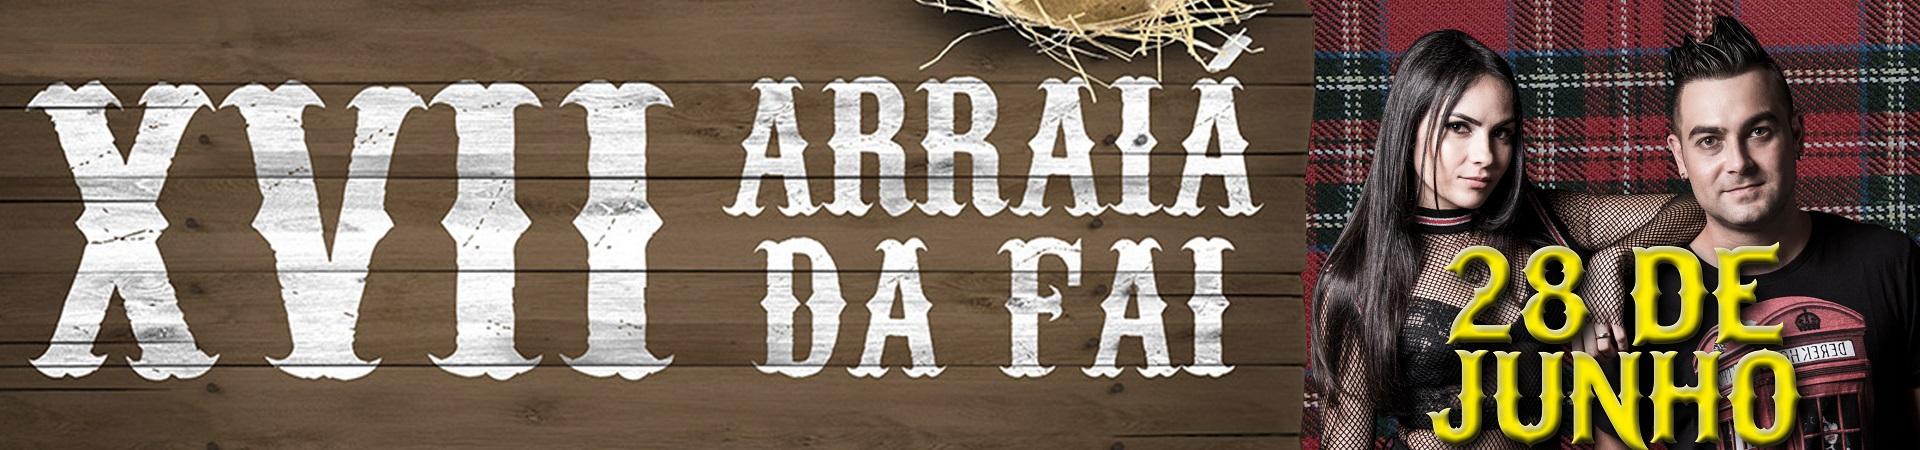 FAI-11-06-2019-ARRAIA-FESTA_JUNINA_bannerMOD